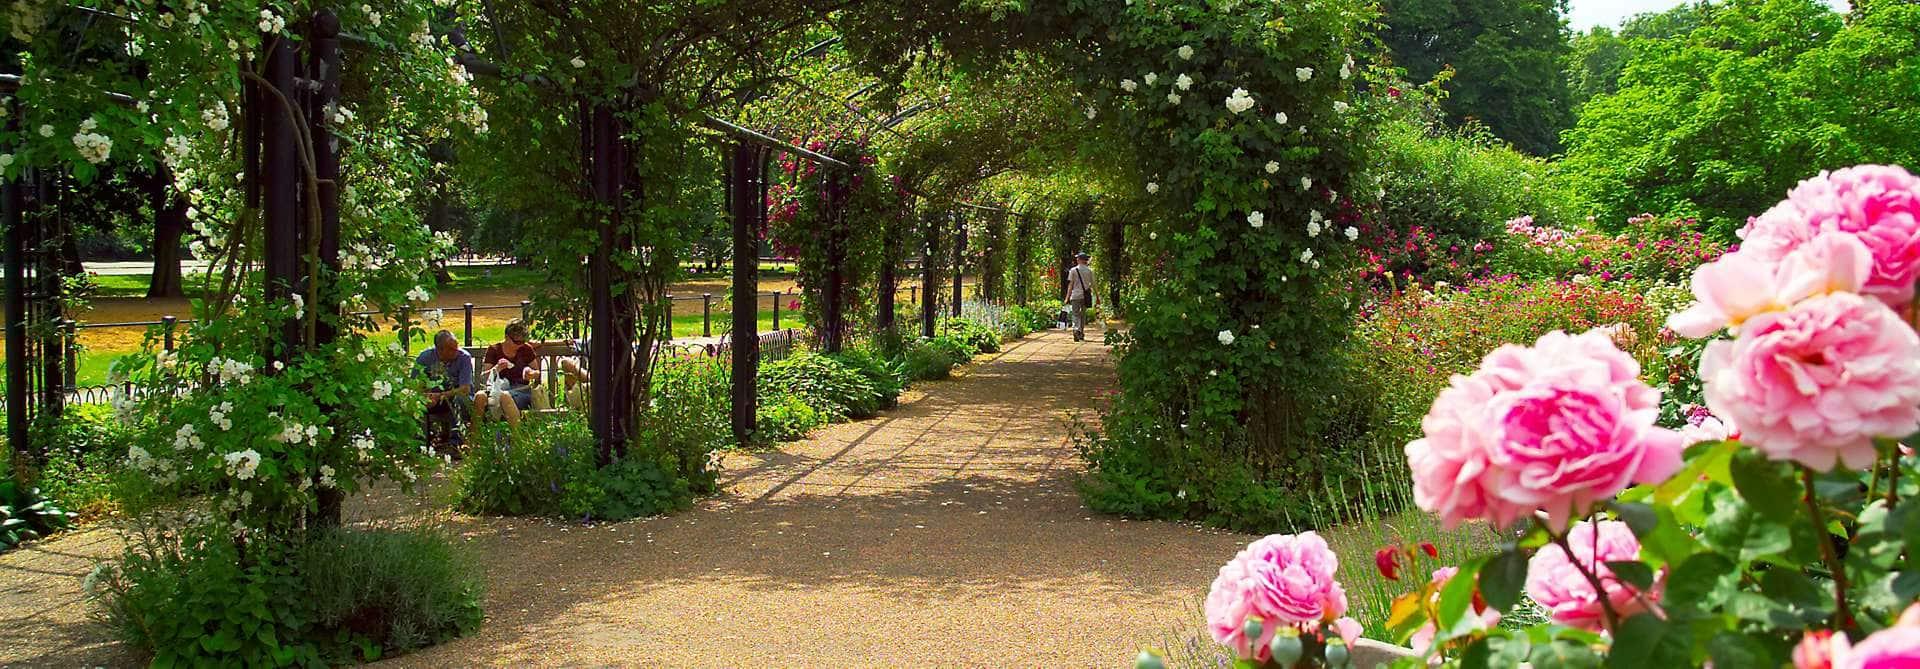 Park Garden Hotel London